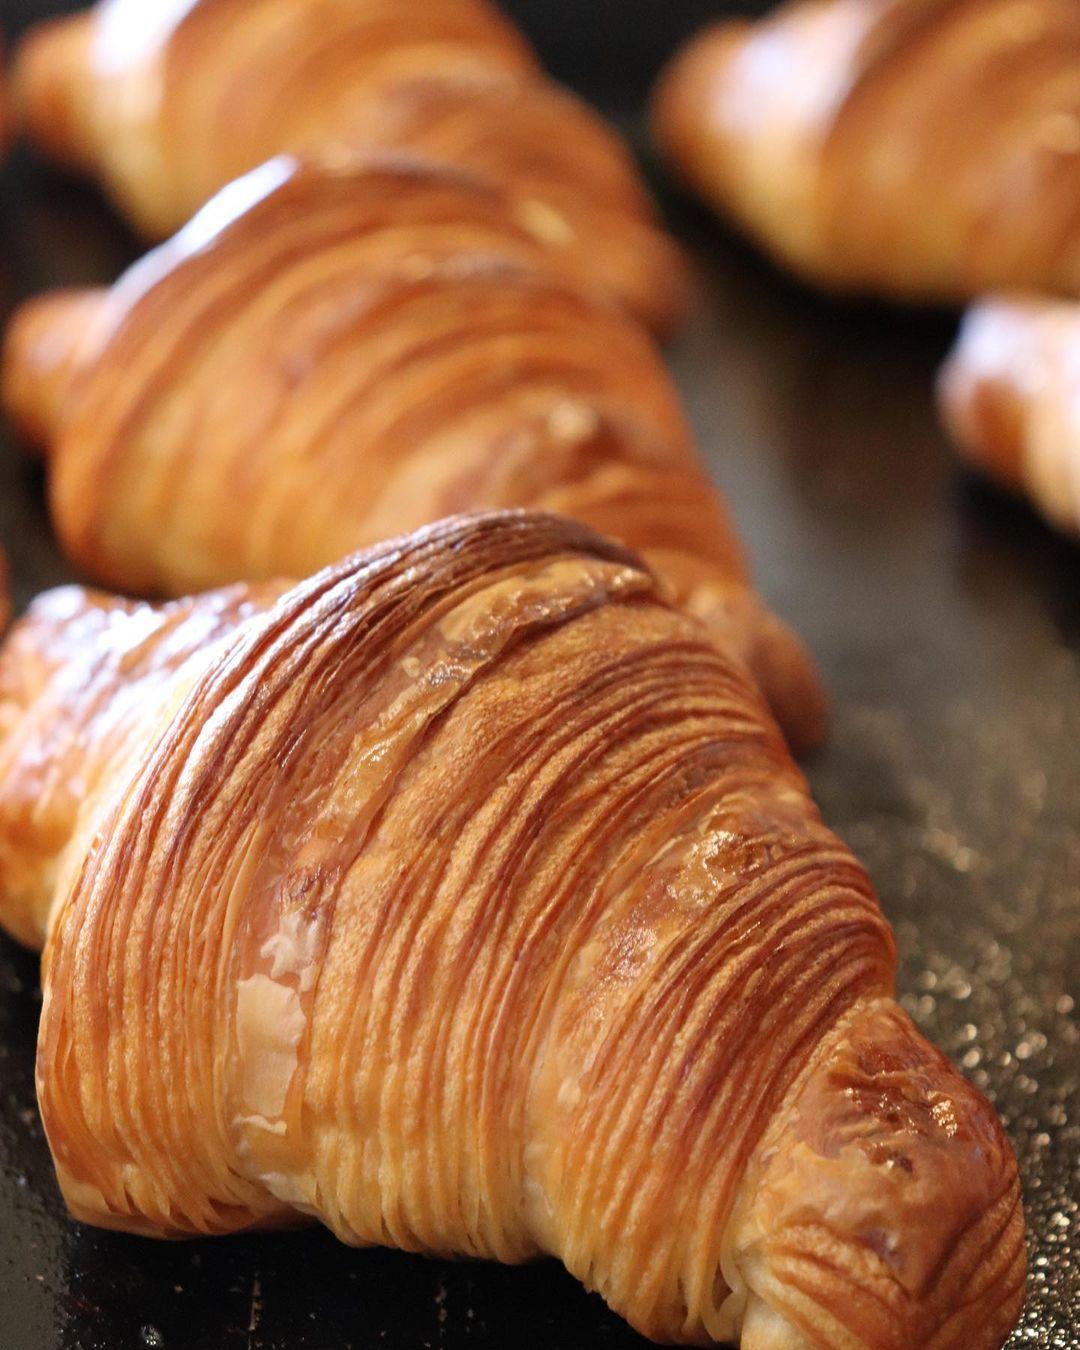 人気の「発酵バターのクロワッサン」「パン・オ・ショコラ」本日もたくさん焼かせていただきます(2021.05.15)